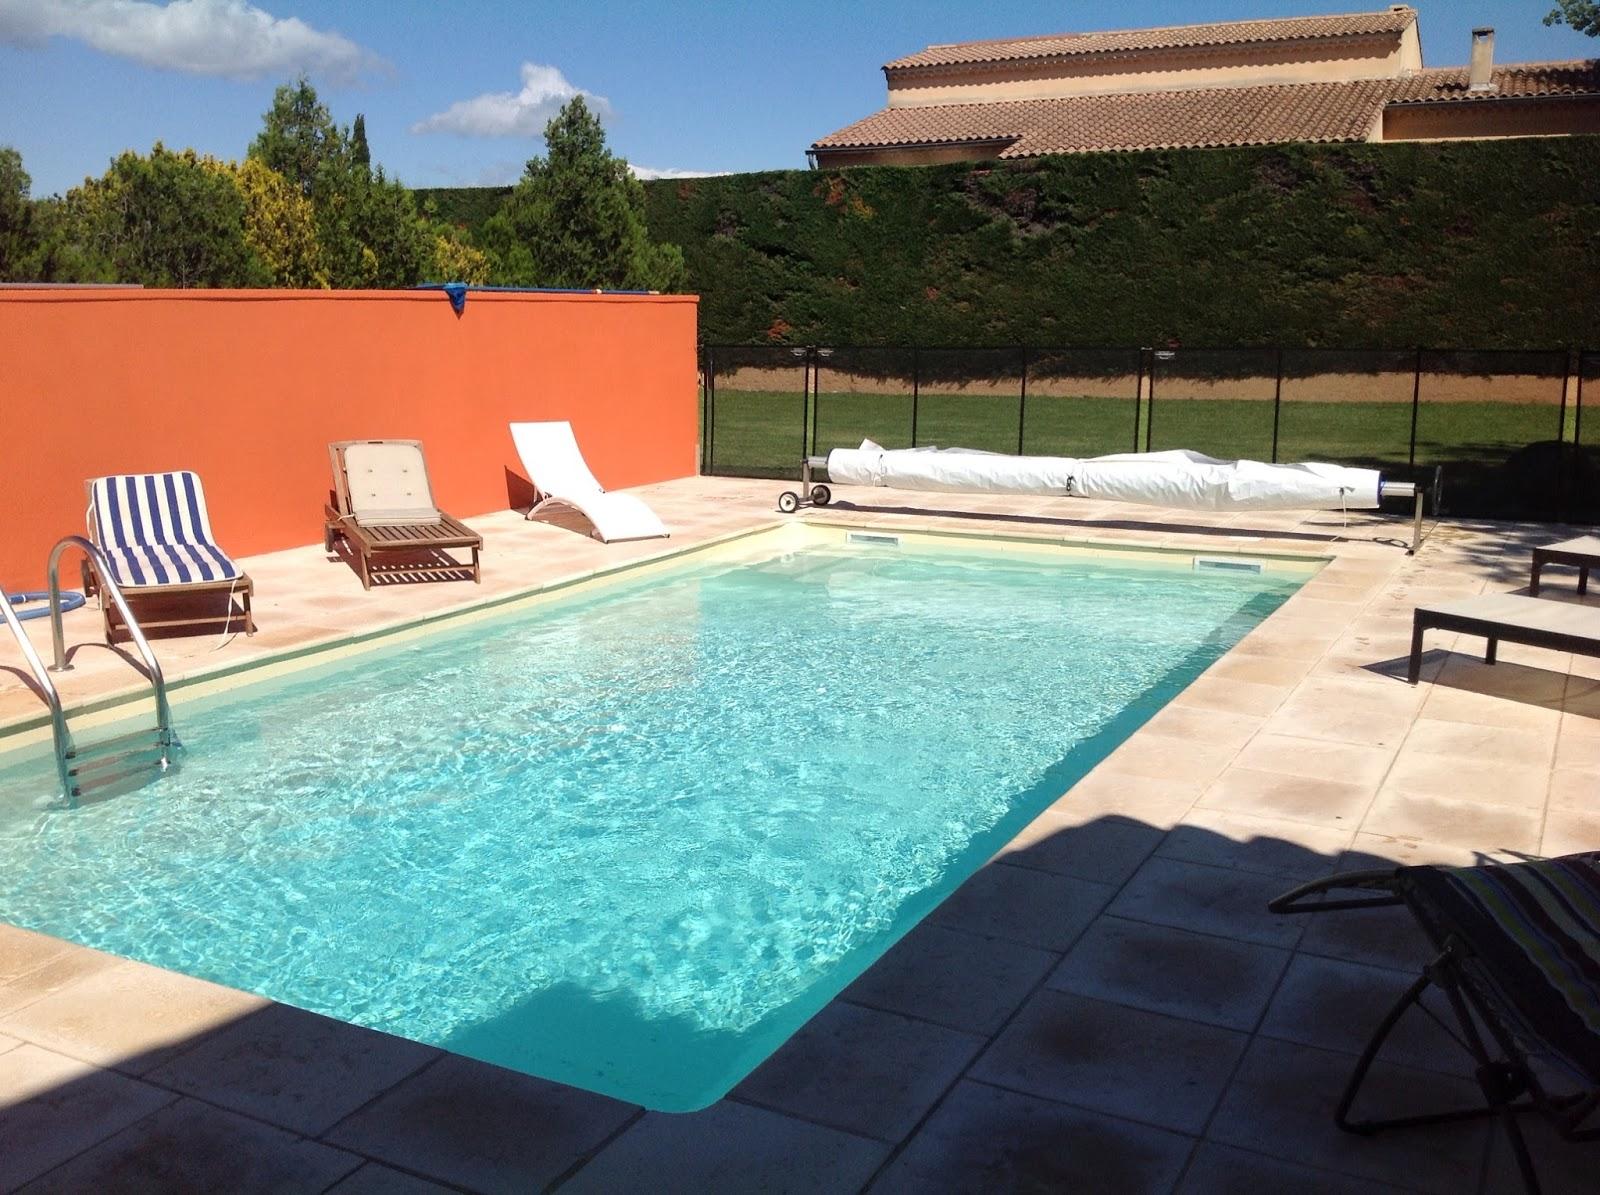 Mazan sous le soleil de provence la piscine for Piscine 3 05 x 0 91